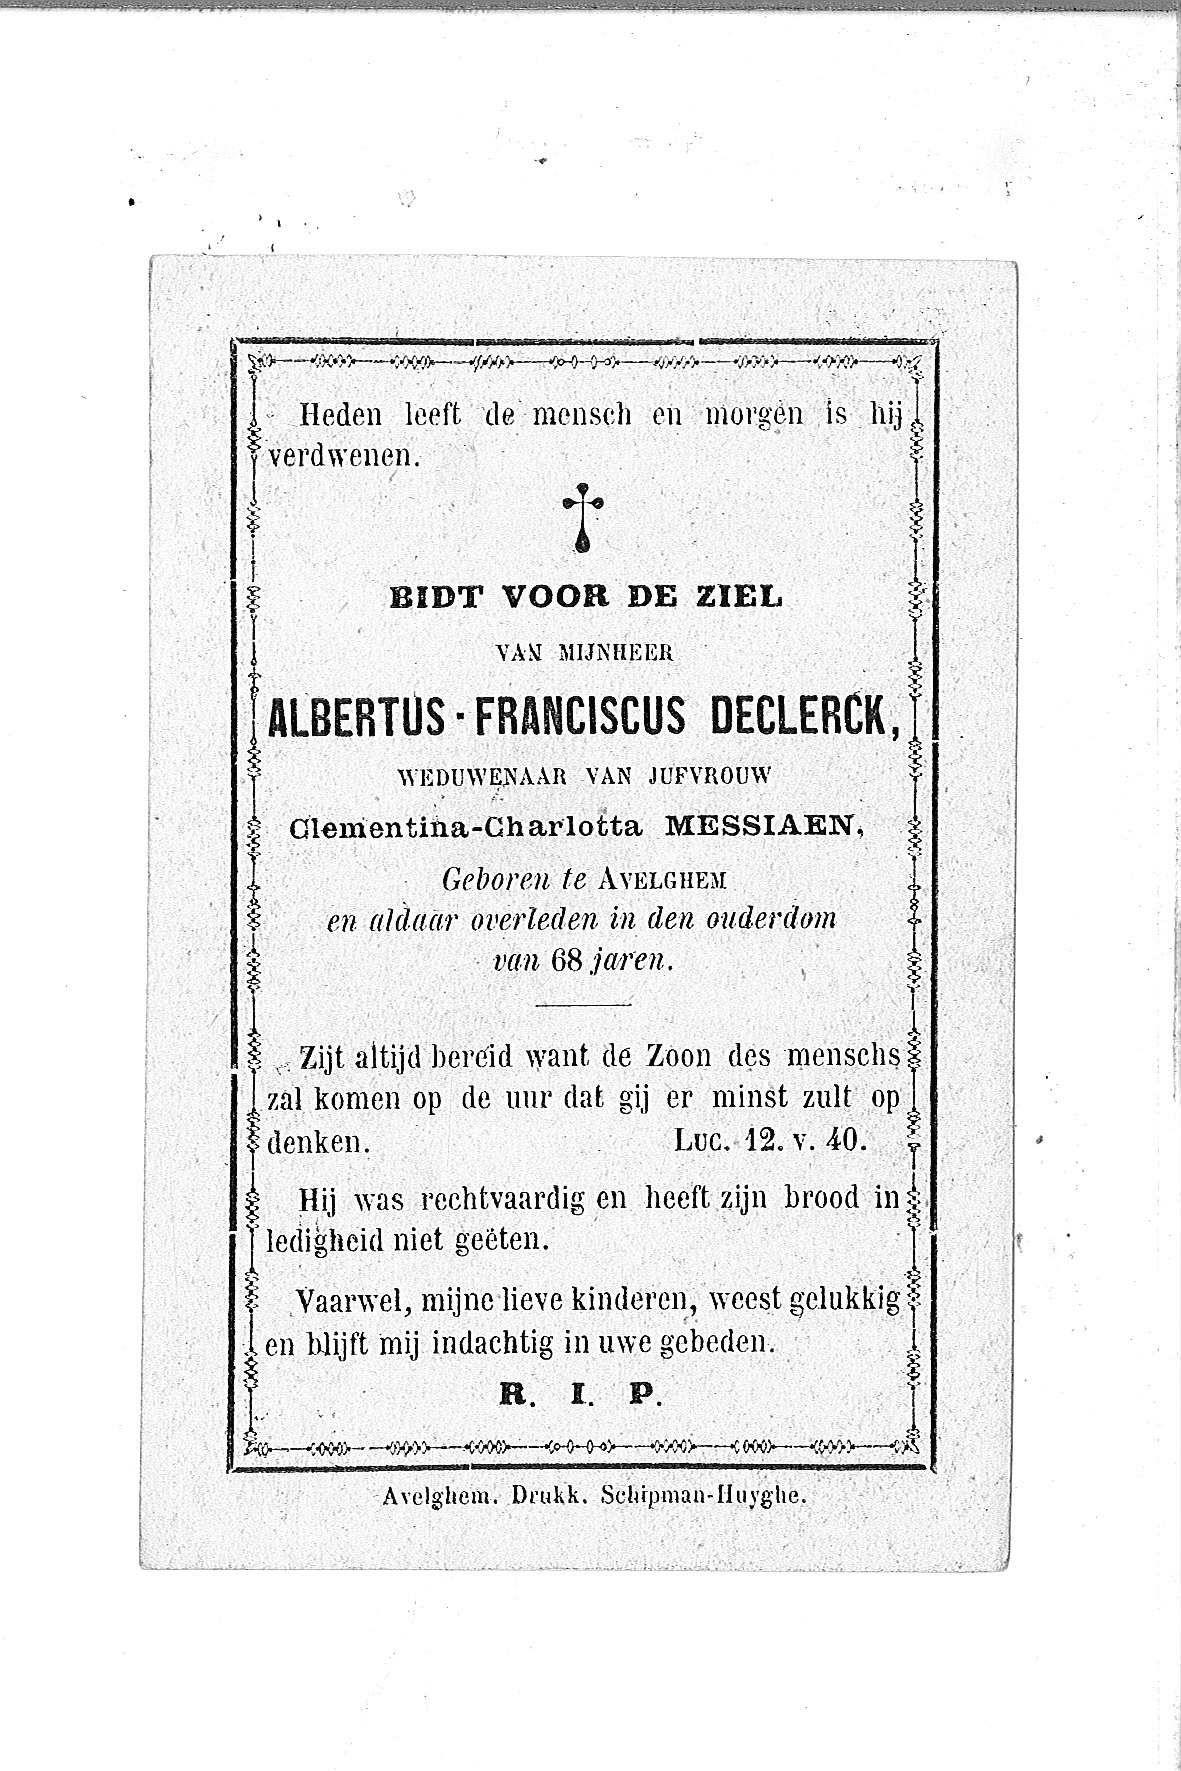 albertus-franciscus(-)20120830084338_00049.jpg